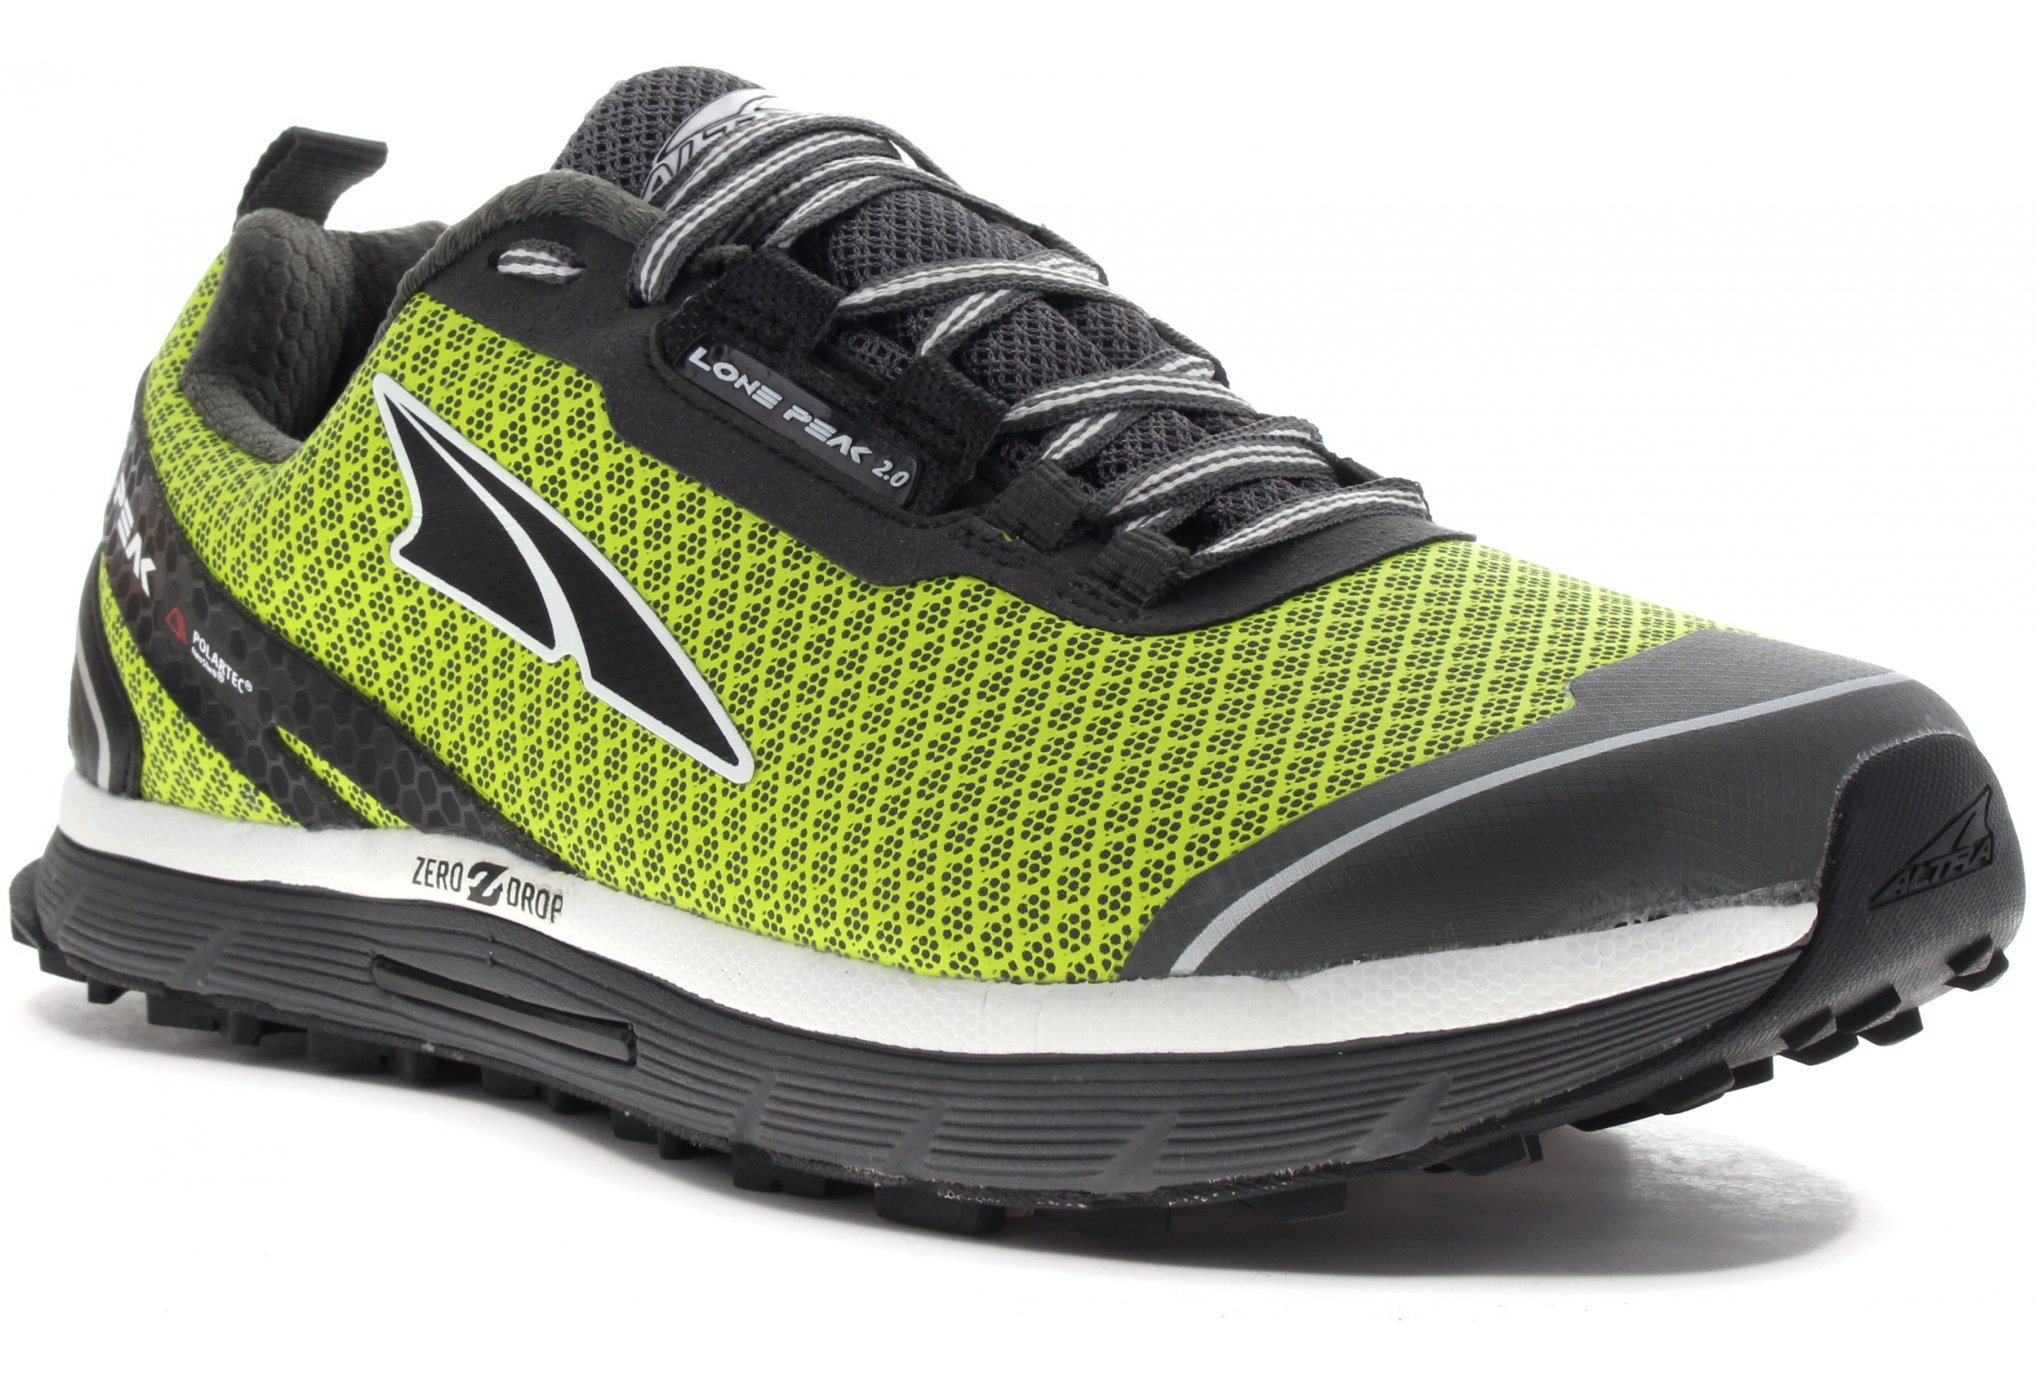 Altra Lone peak 2.0 neoshell w chaussures running femme